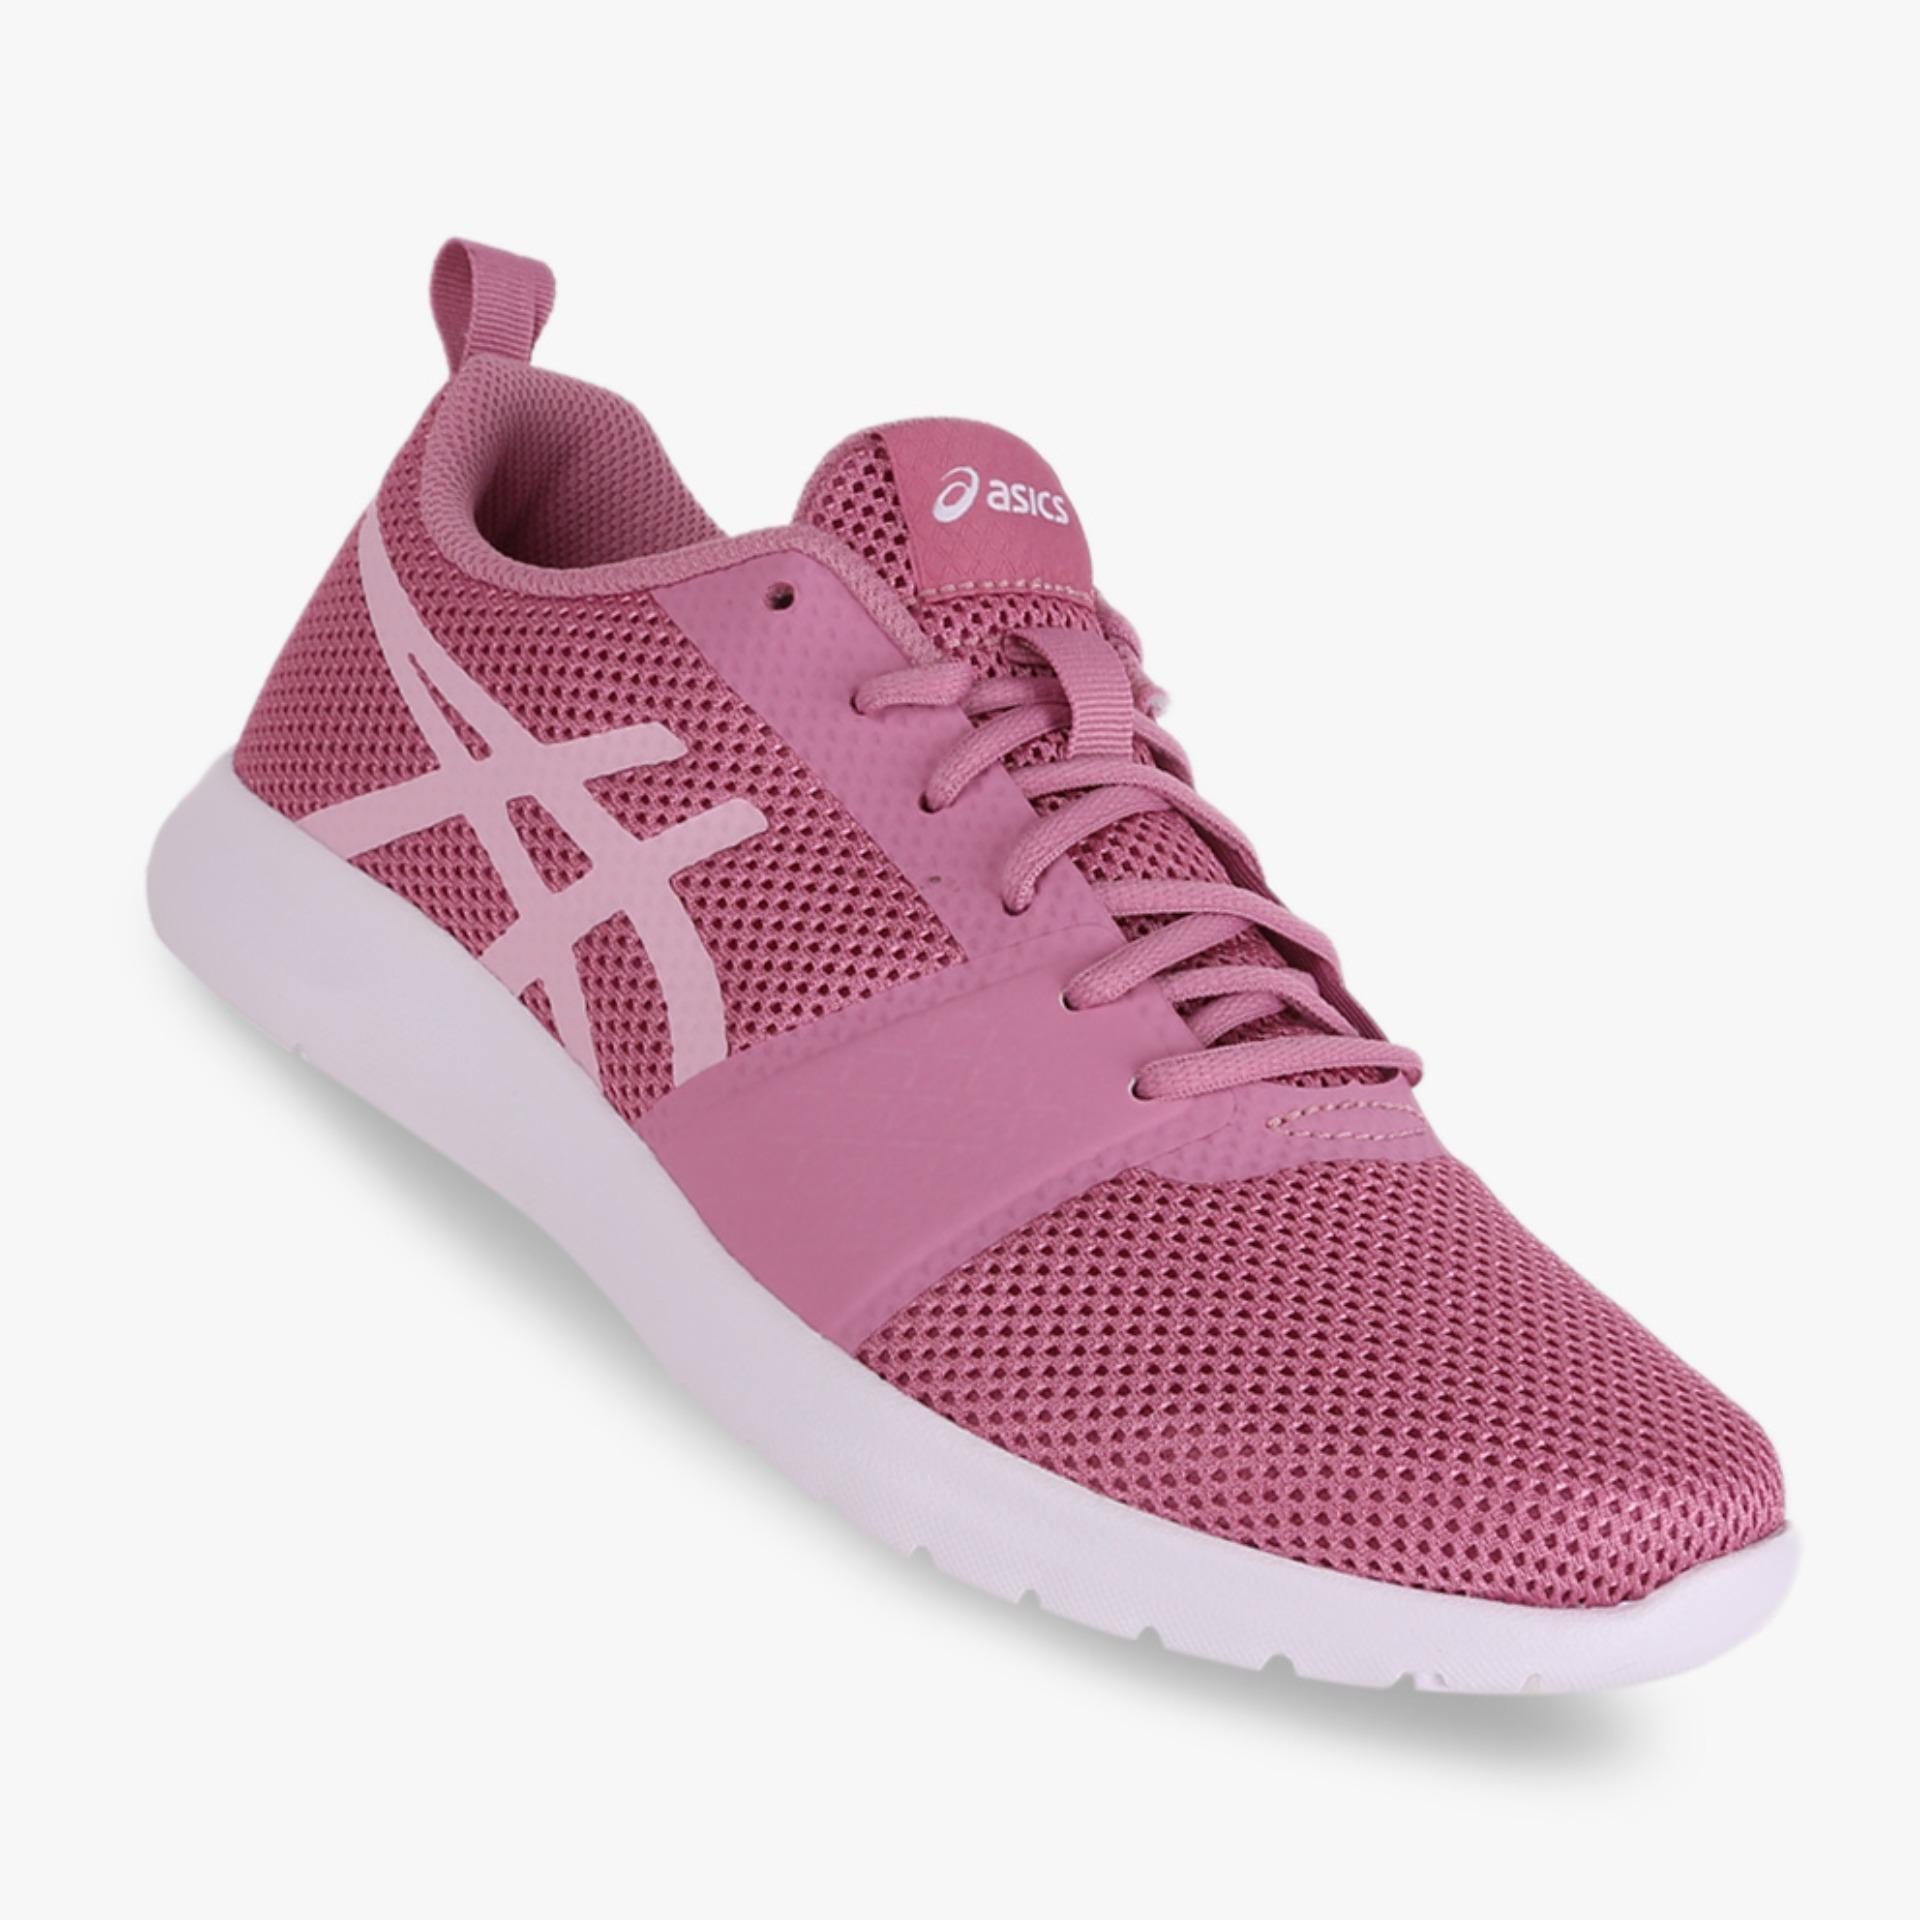 Asics Kanmei MX Women's Running Shoes - Standard Wide - Pink